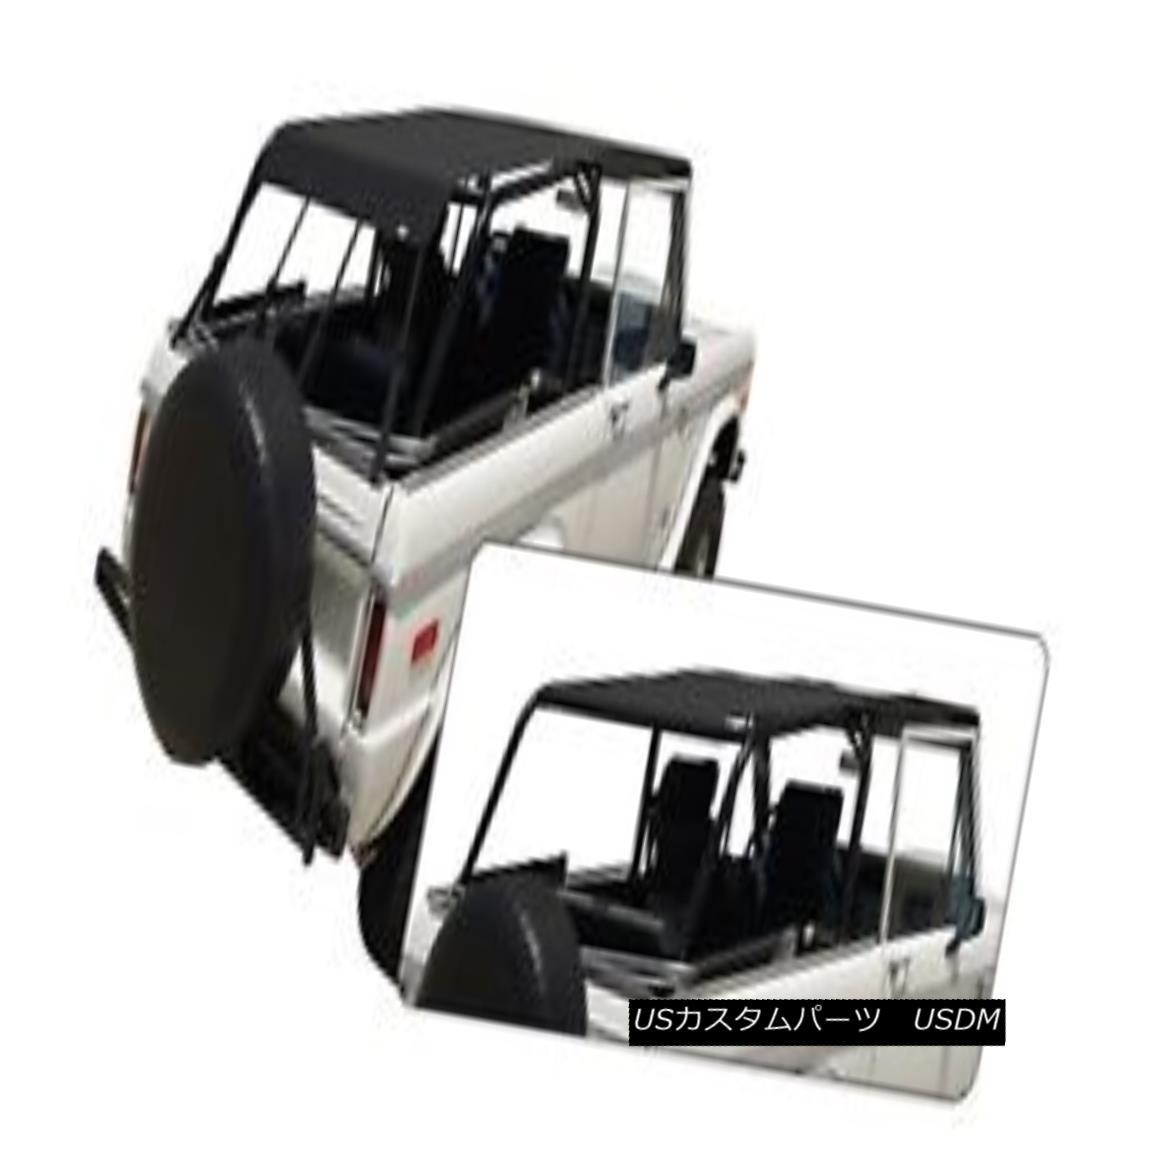 幌・ソフトトップ Rampage 98235 Safari Island Topper; Soft Top 66-67 Bronco 暴走98235サファリ島トッパー; ソフトトップ66-67ブロンコ